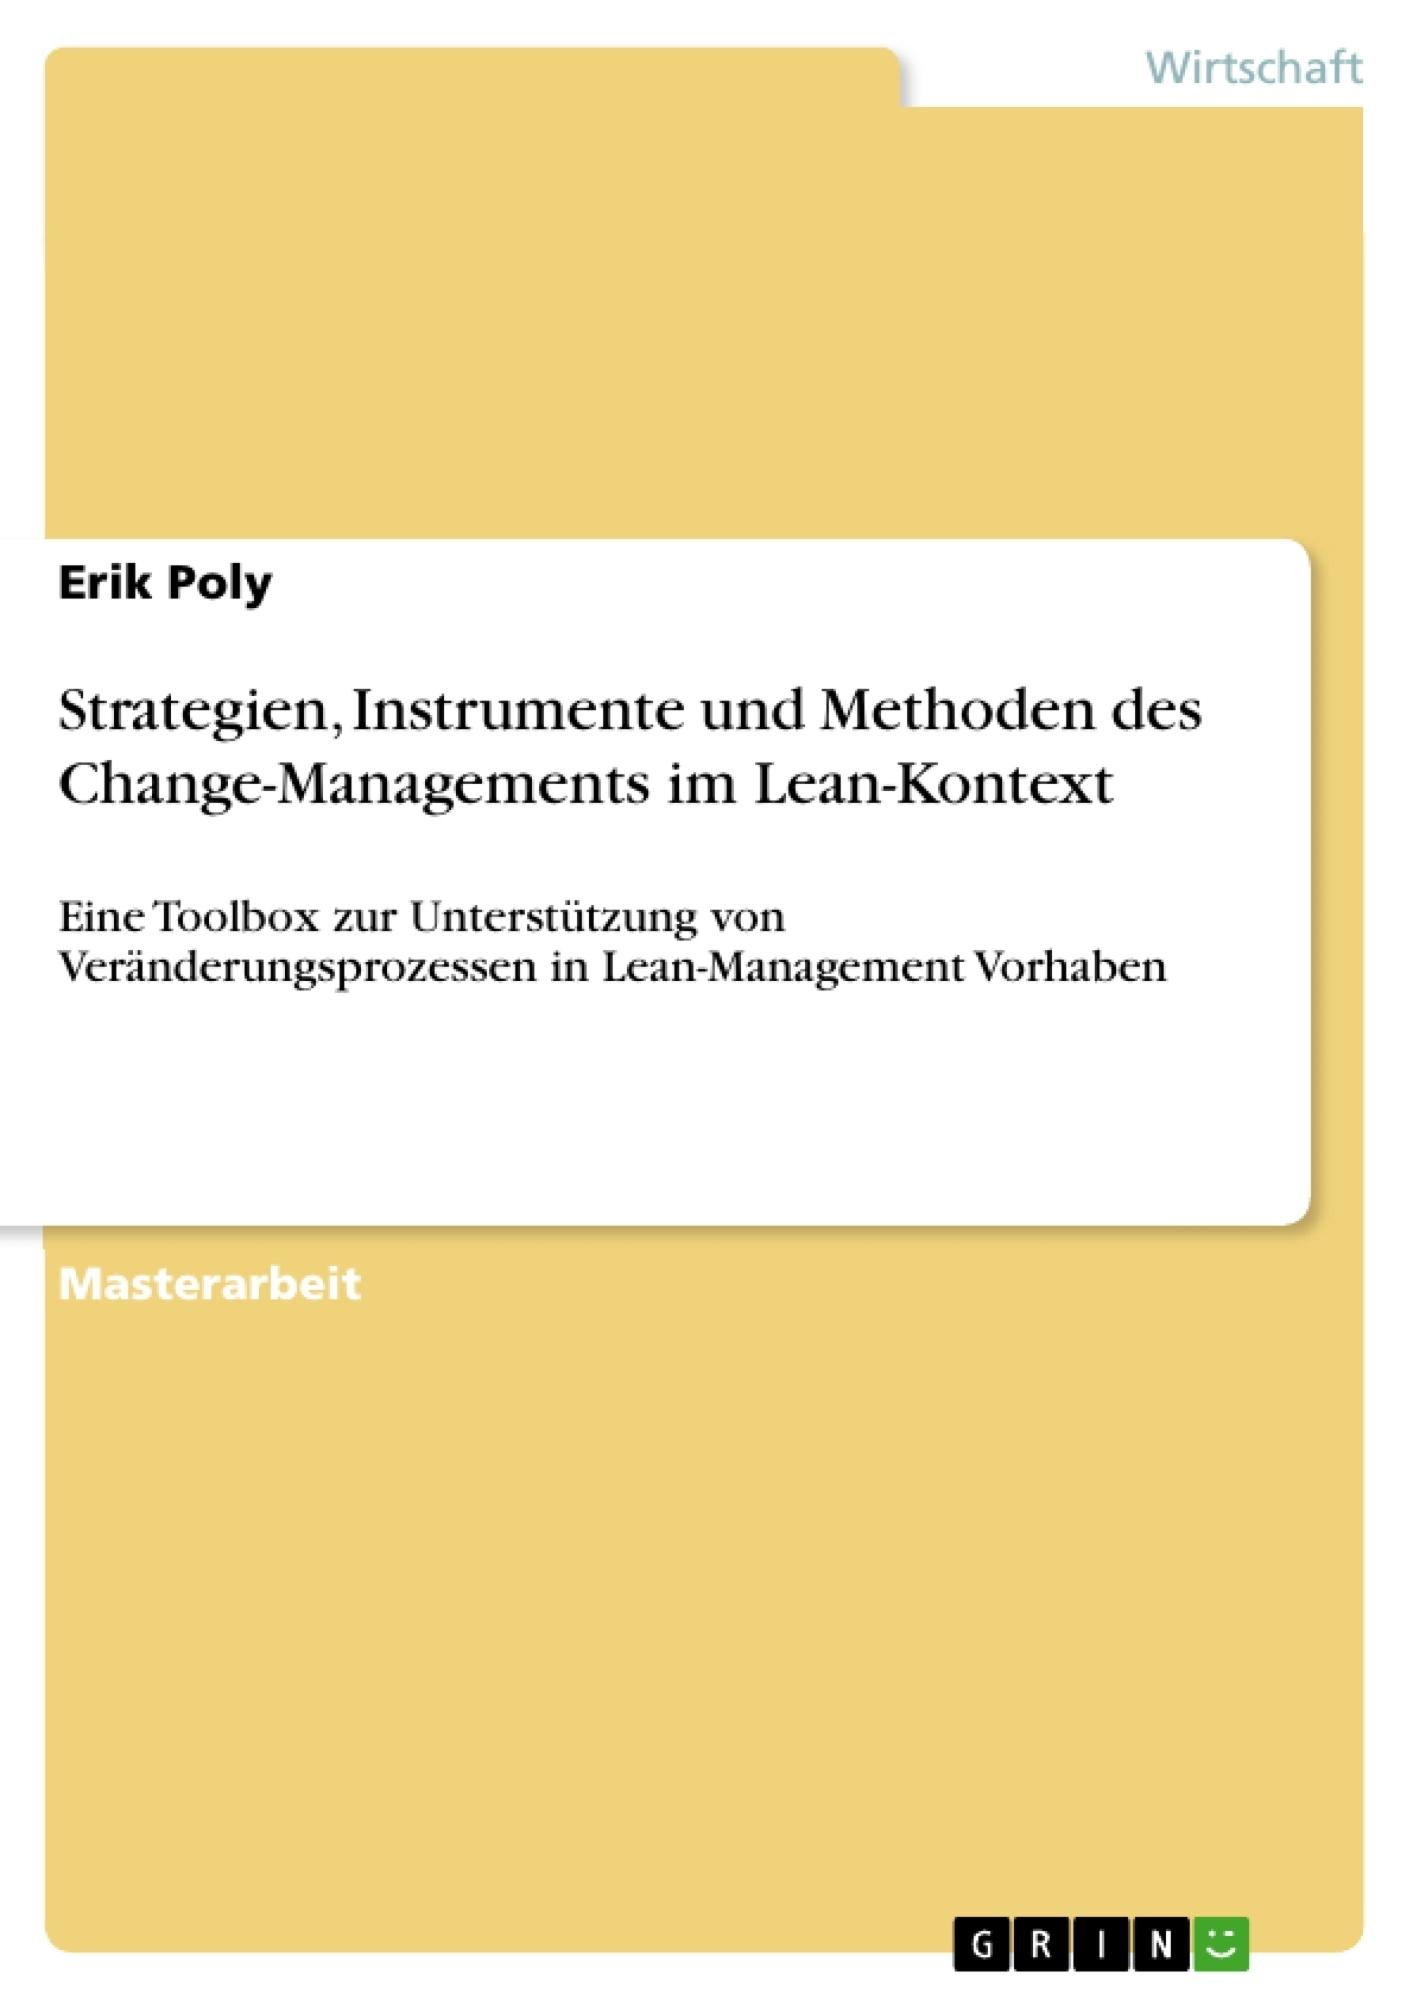 Titel: Strategien, Instrumente und Methoden des Change-Managements im Lean-Kontext